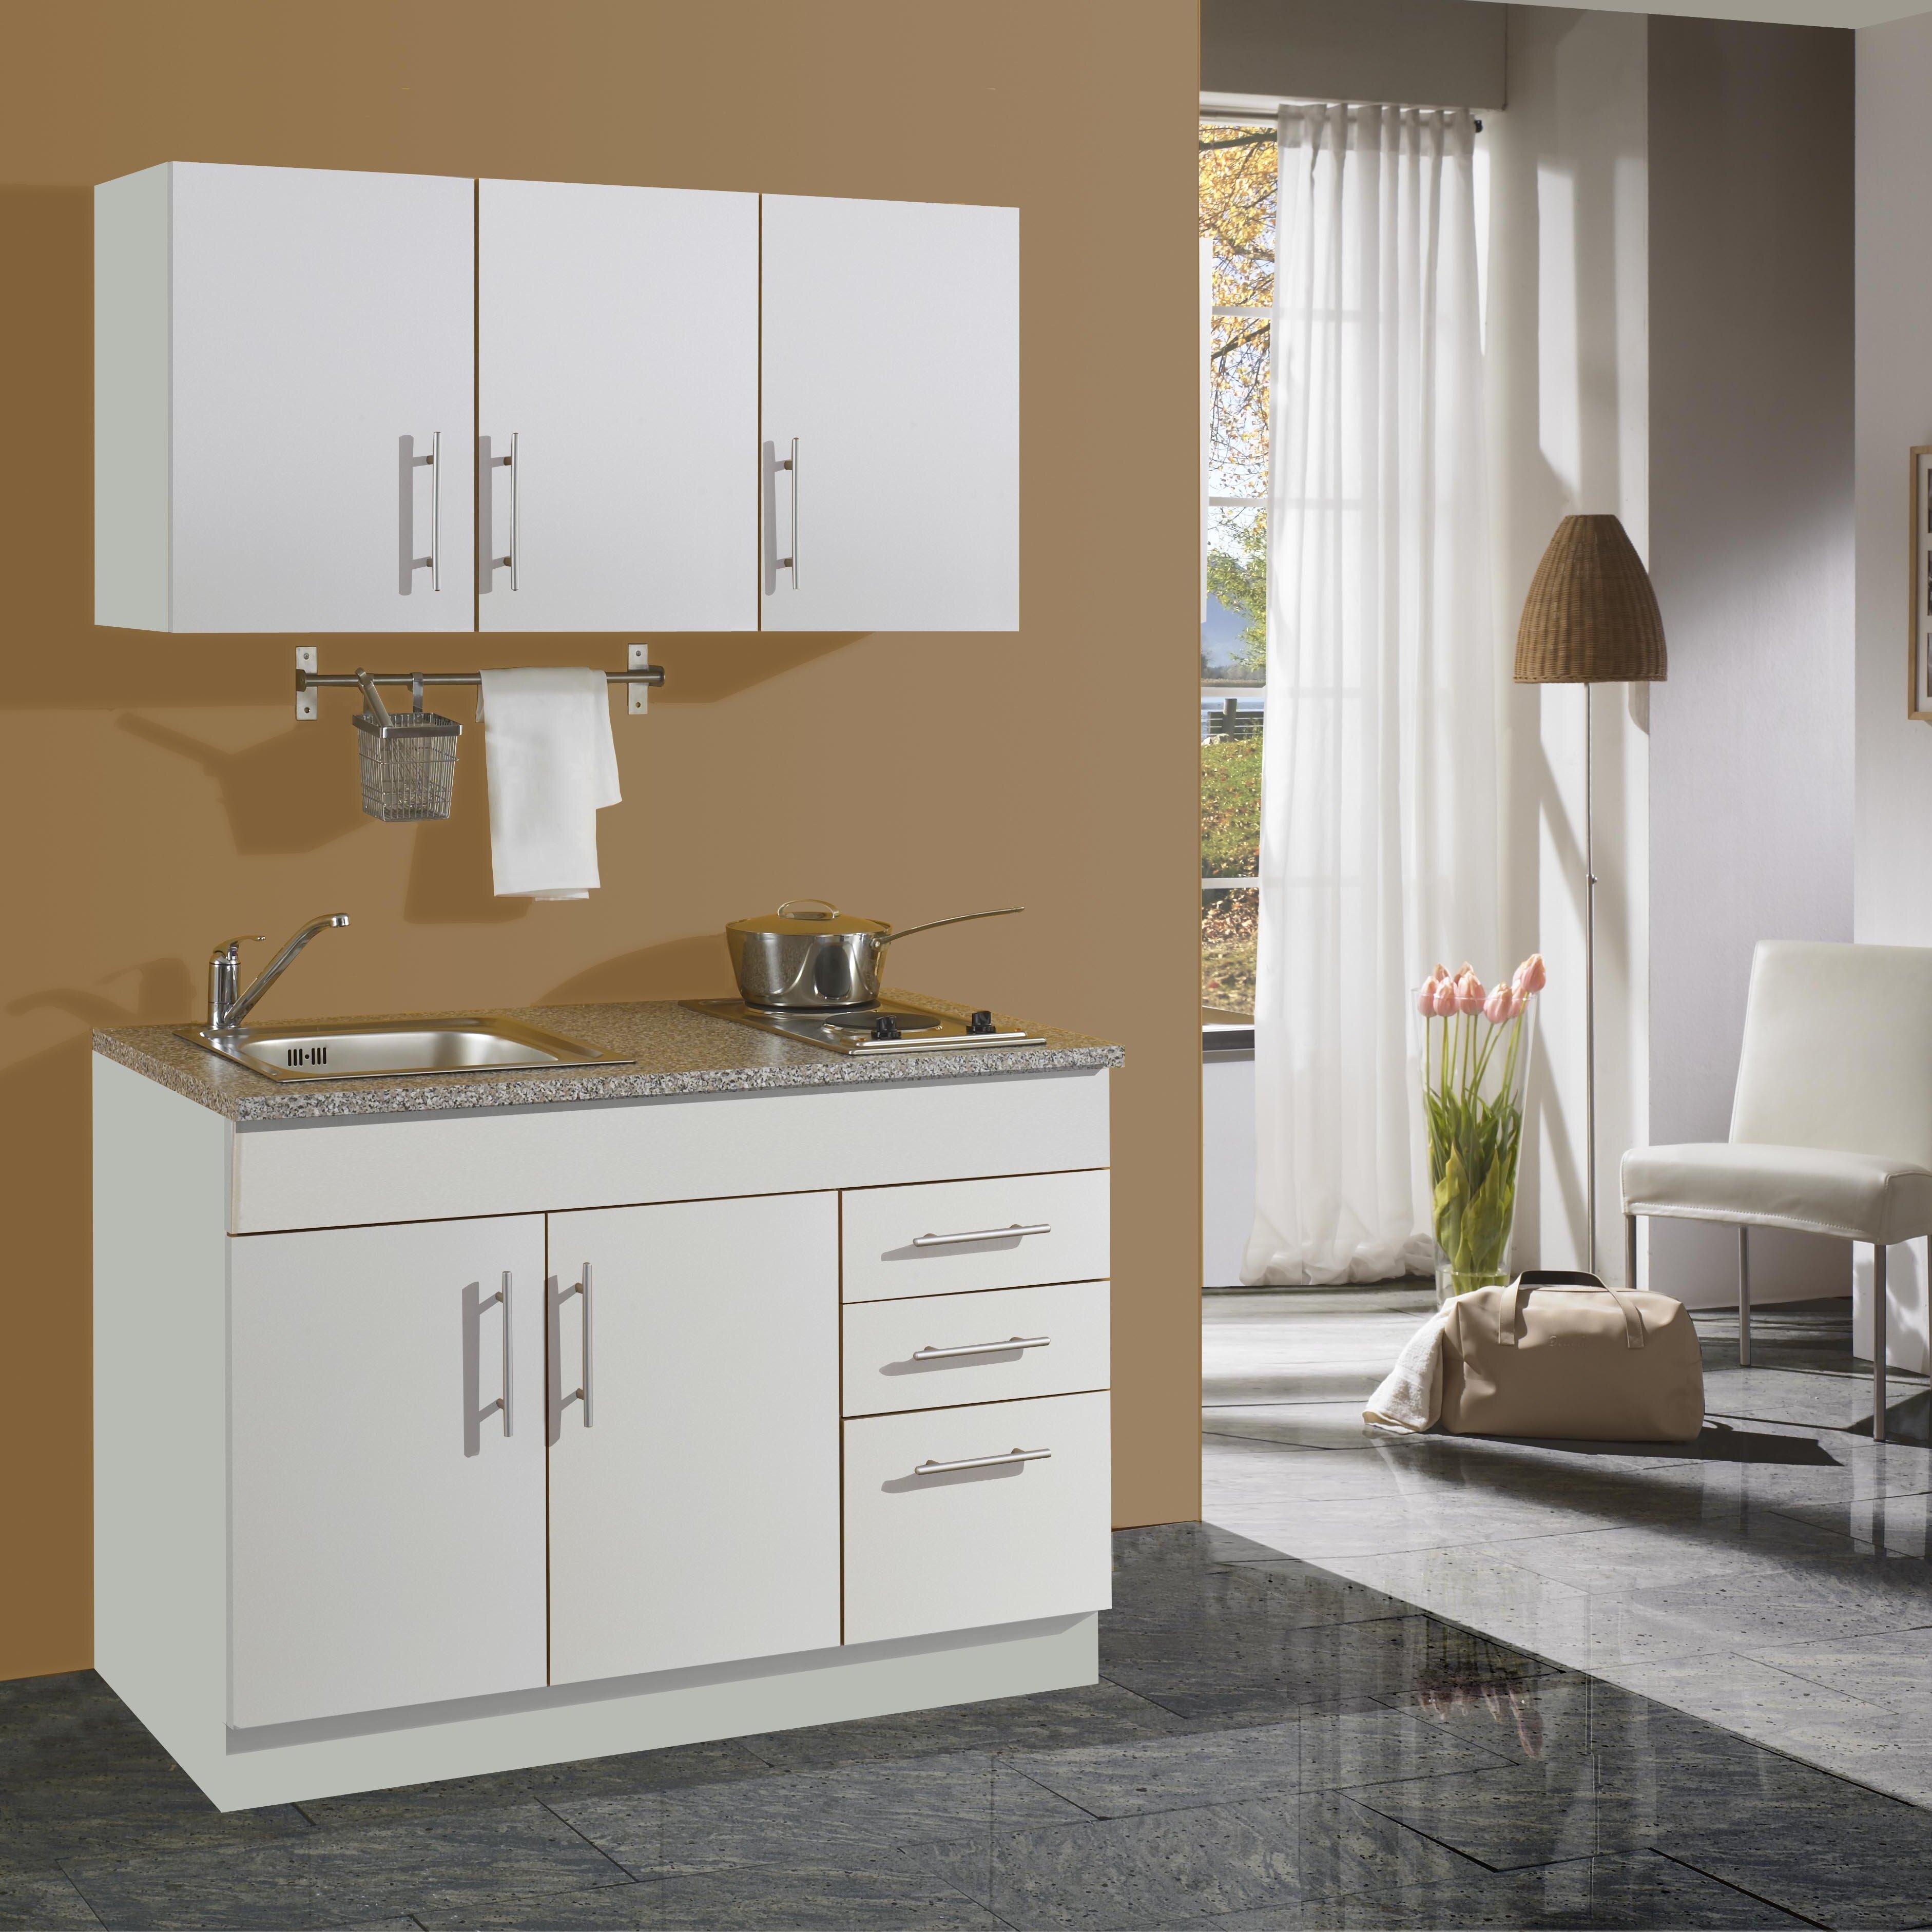 Held Möbel Einbauküche Toronto | Wayfair.de